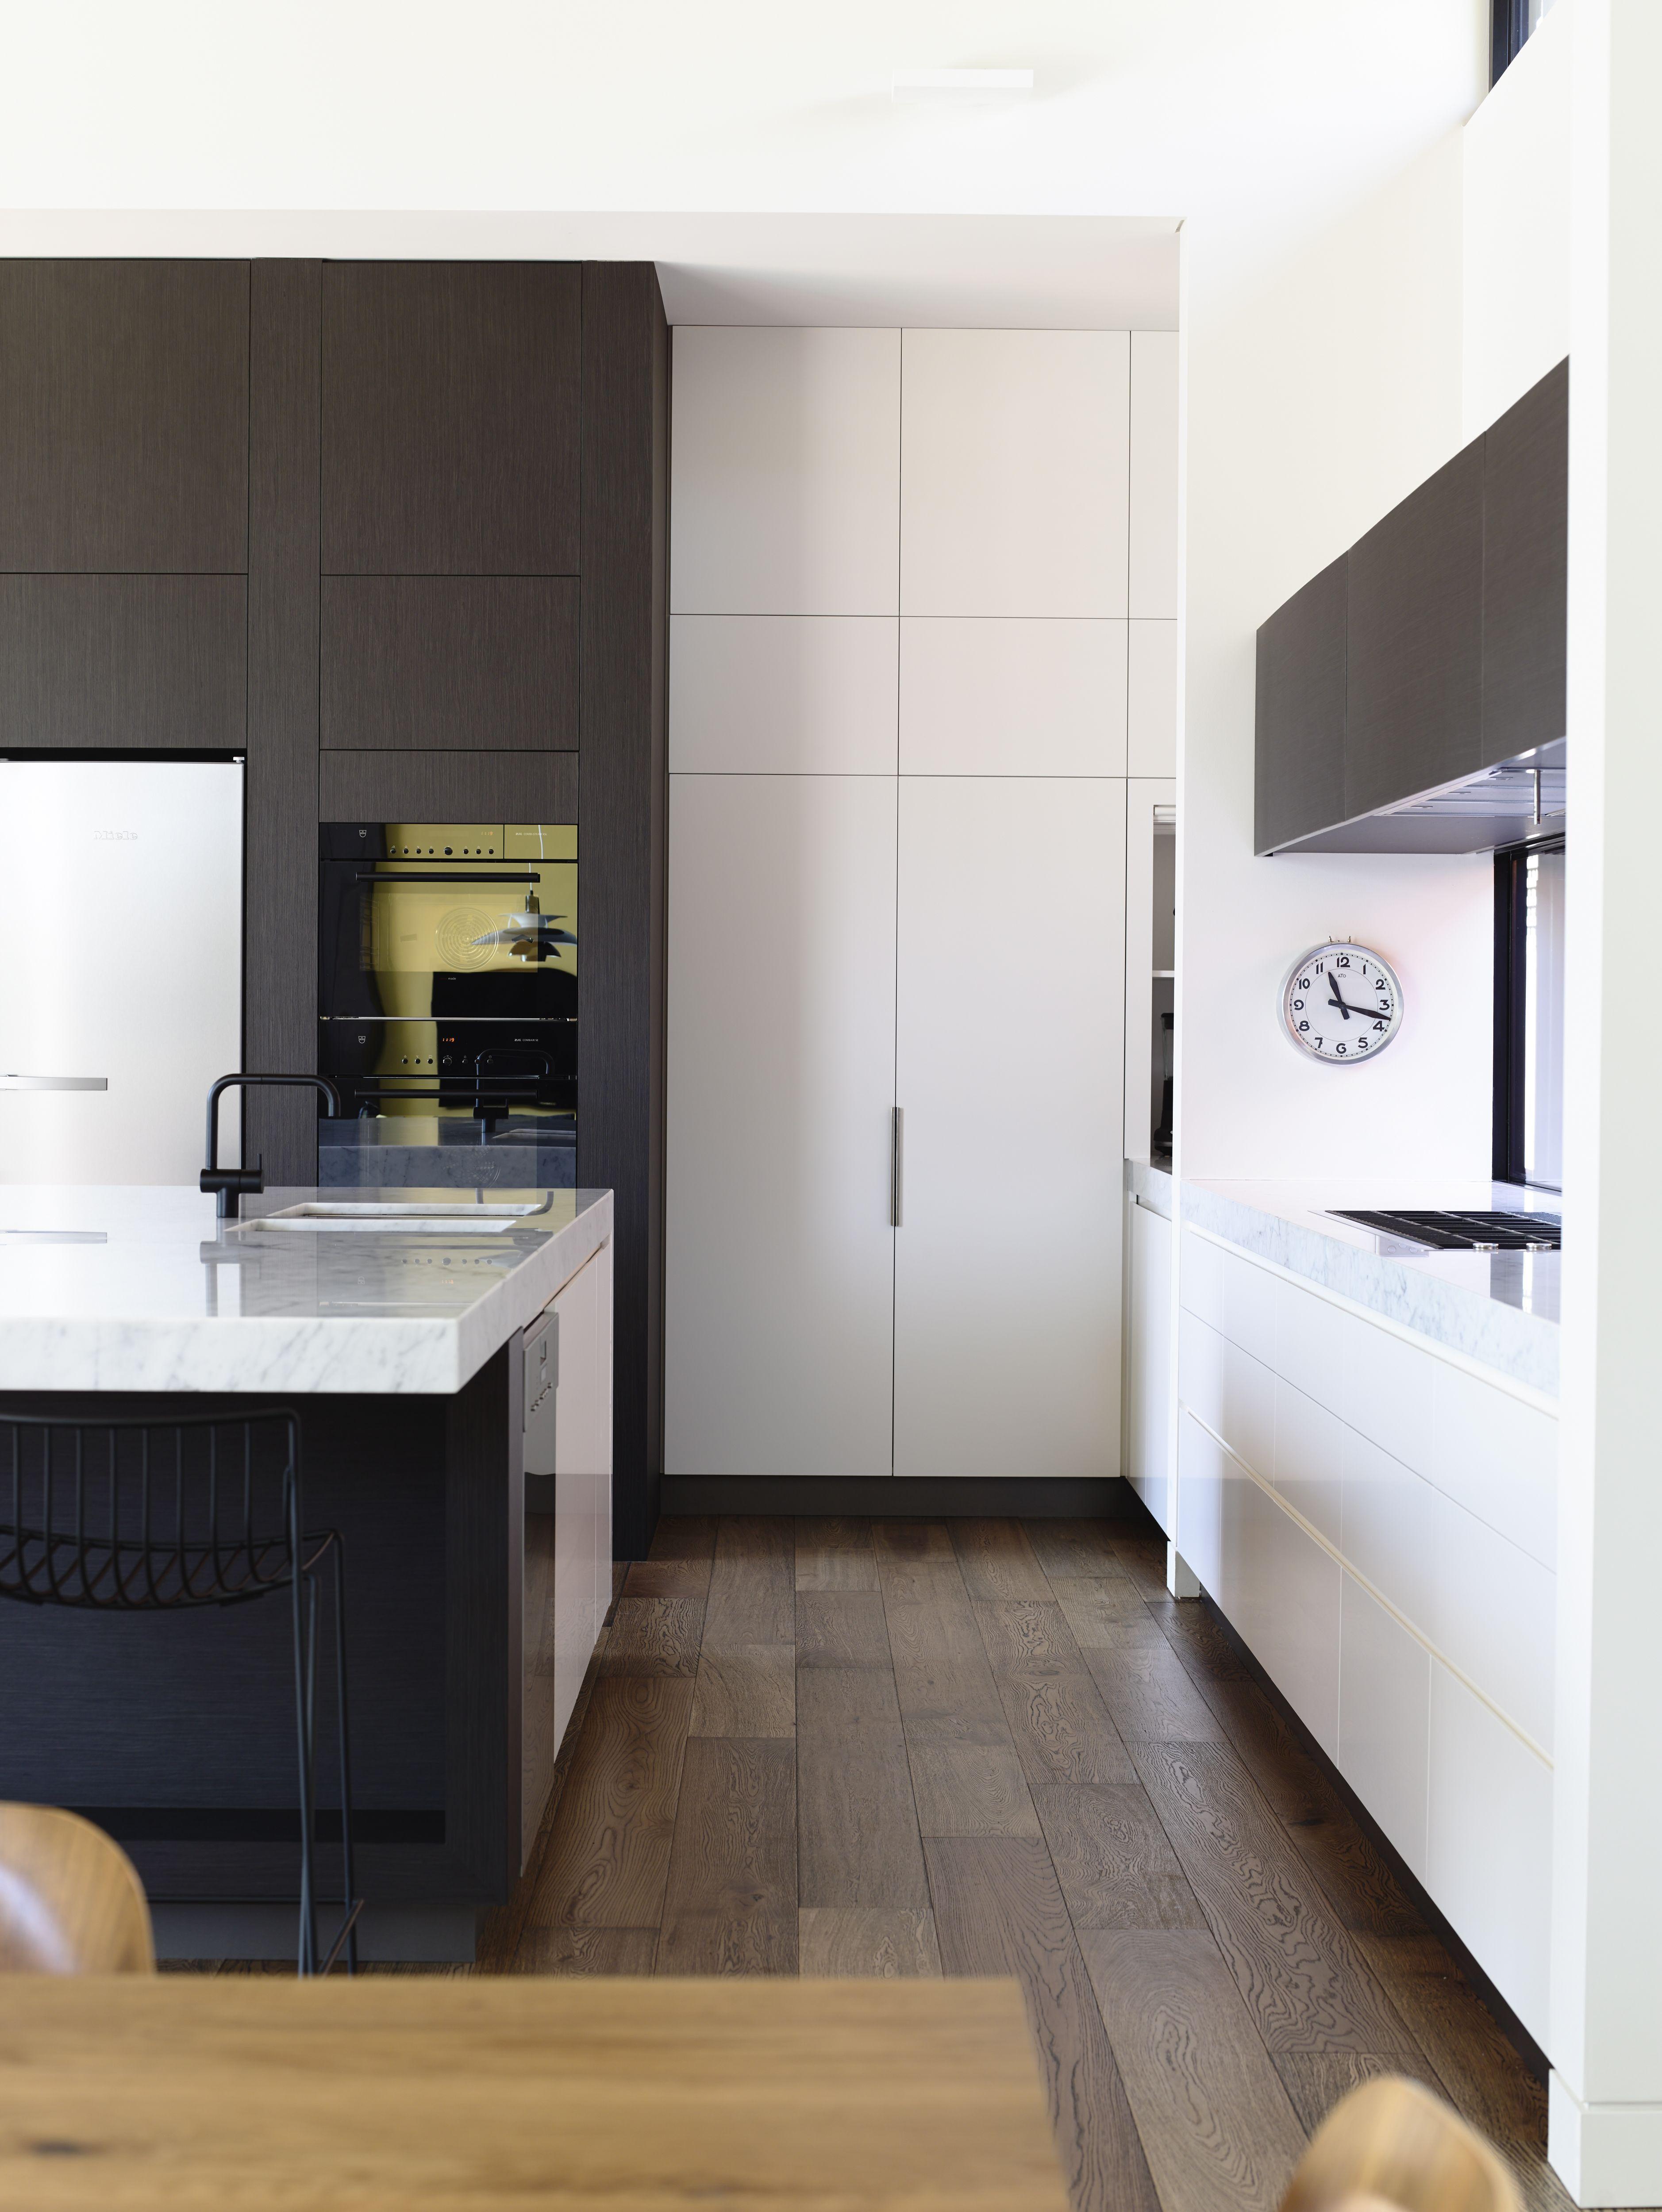 Kitchen By Blue Box Master Cabinet Makers Melbourne Australia 613 9585 1829 Kitchencabinet1829 Kitchen Interior Kitchen Cabinets Austin Design